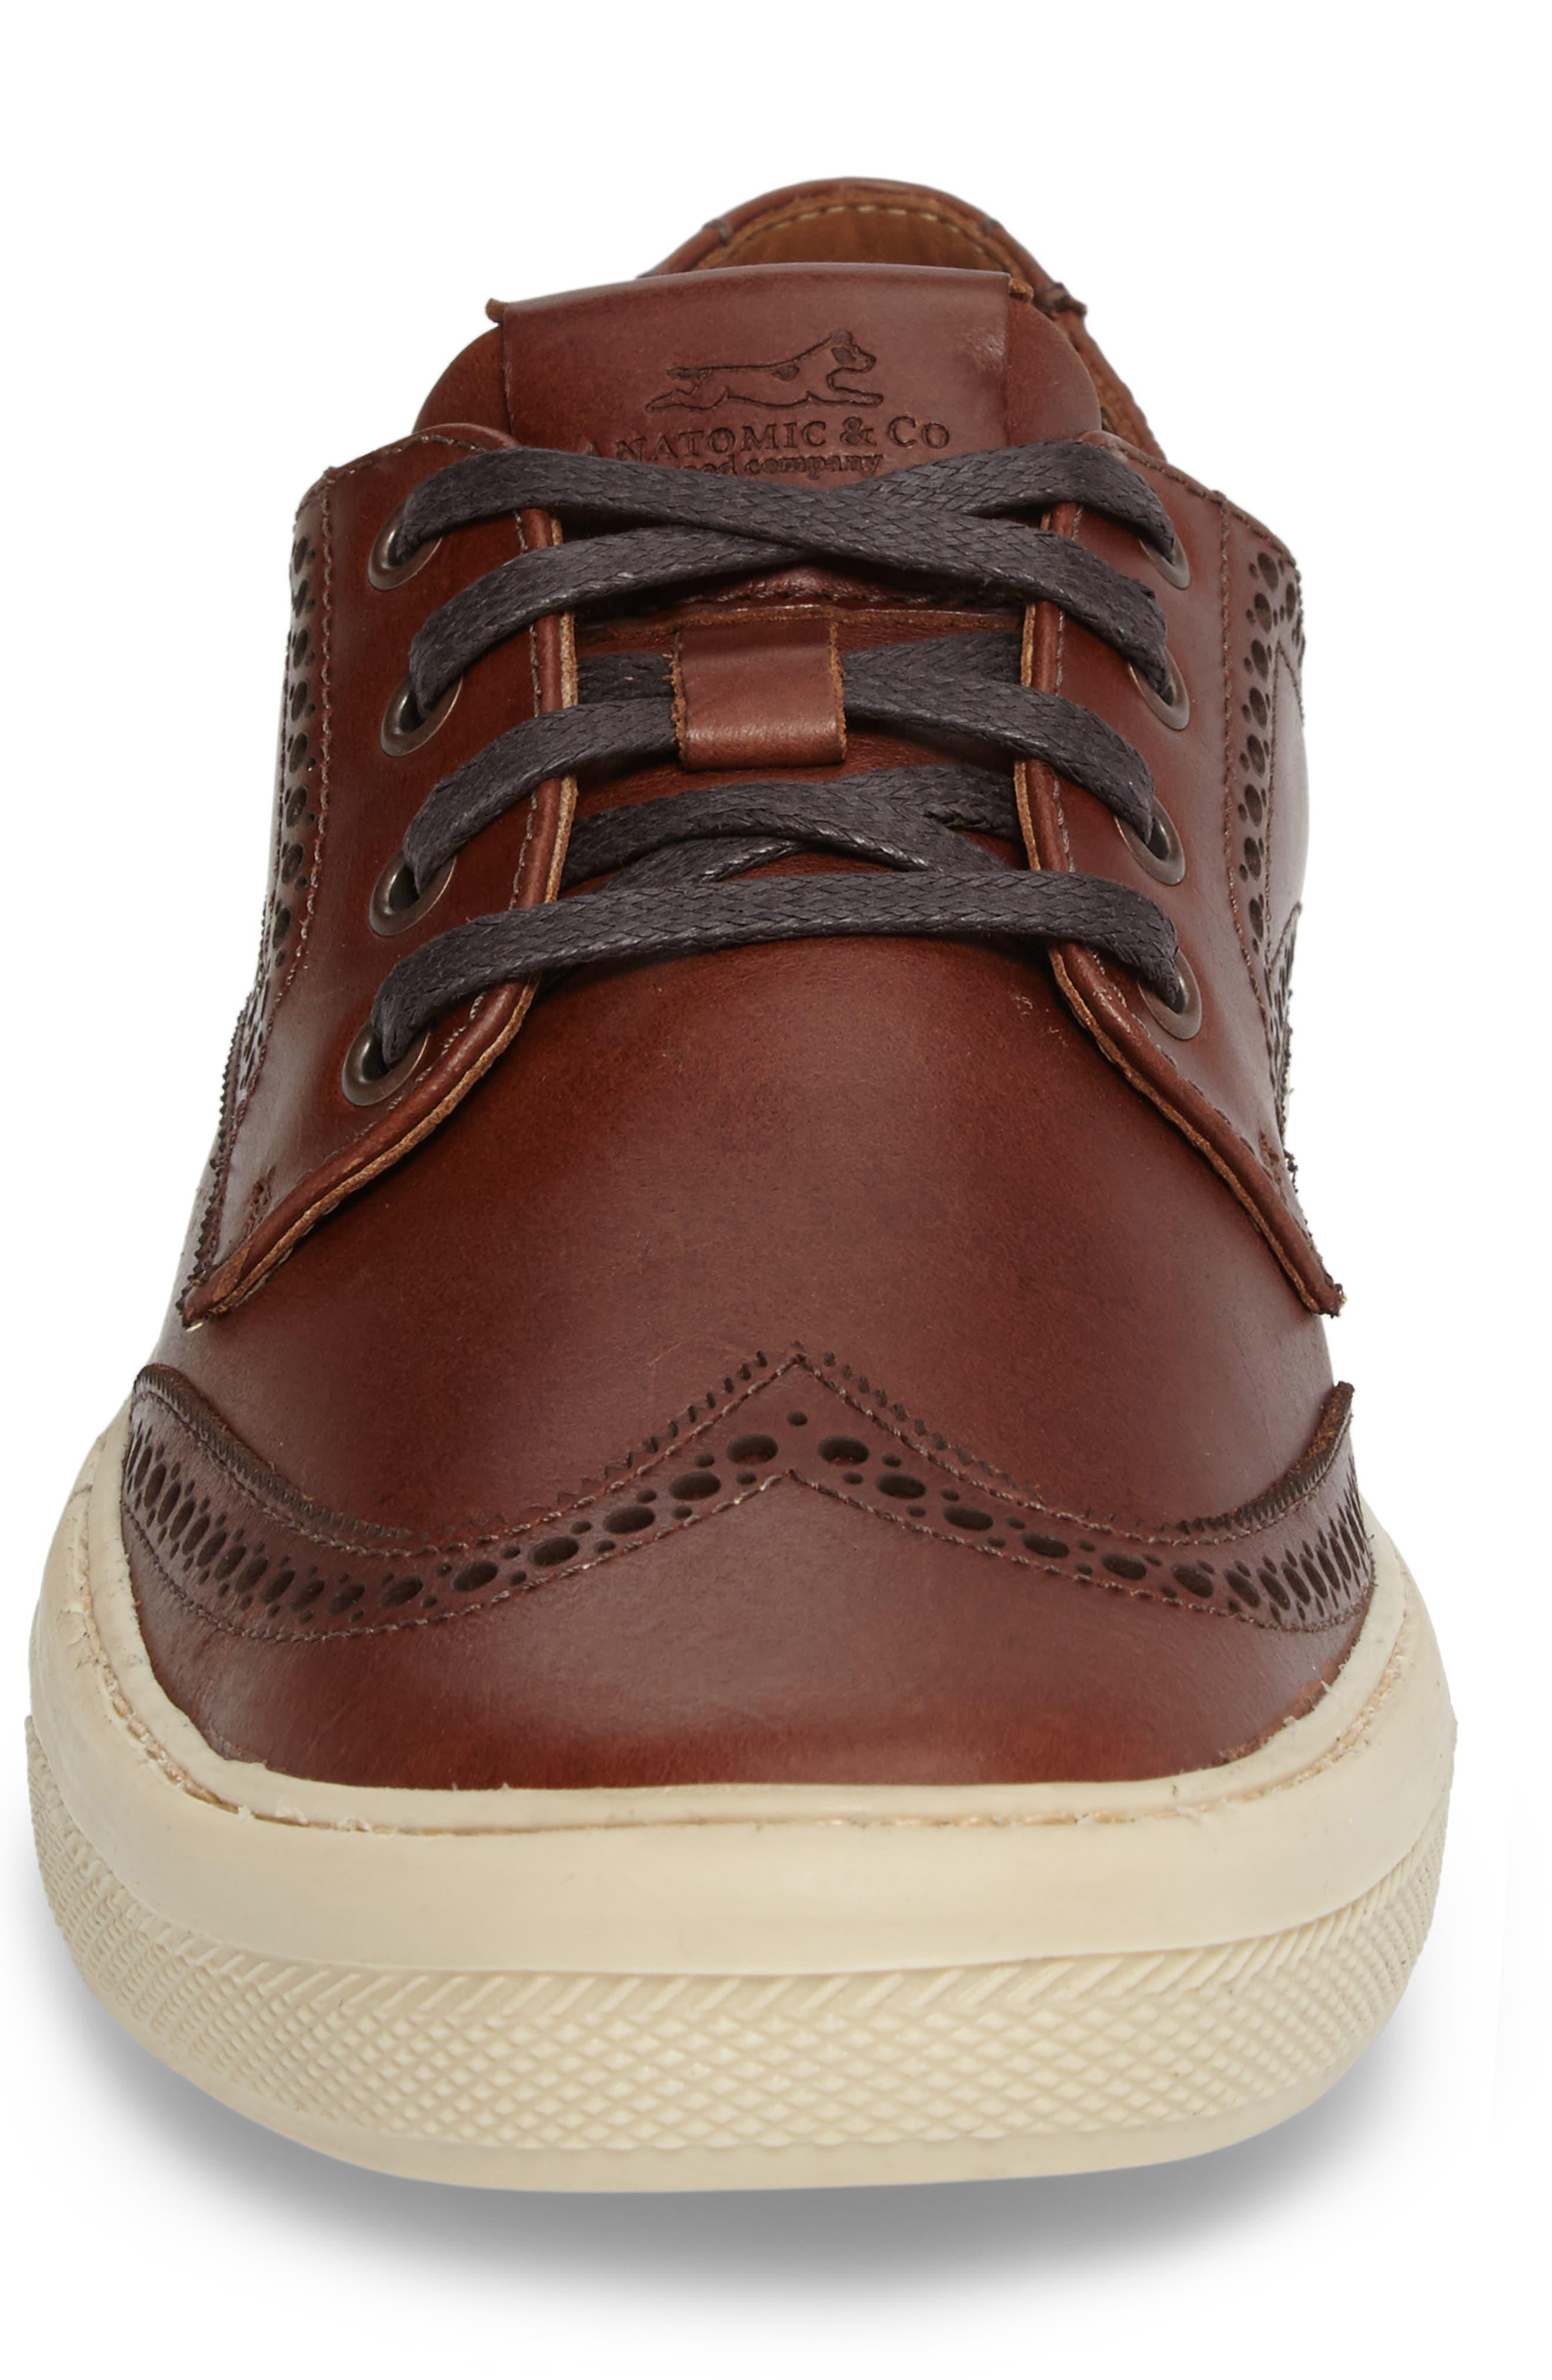 Bariri Wingtip Sneaker,                             Alternate thumbnail 4, color,                             200